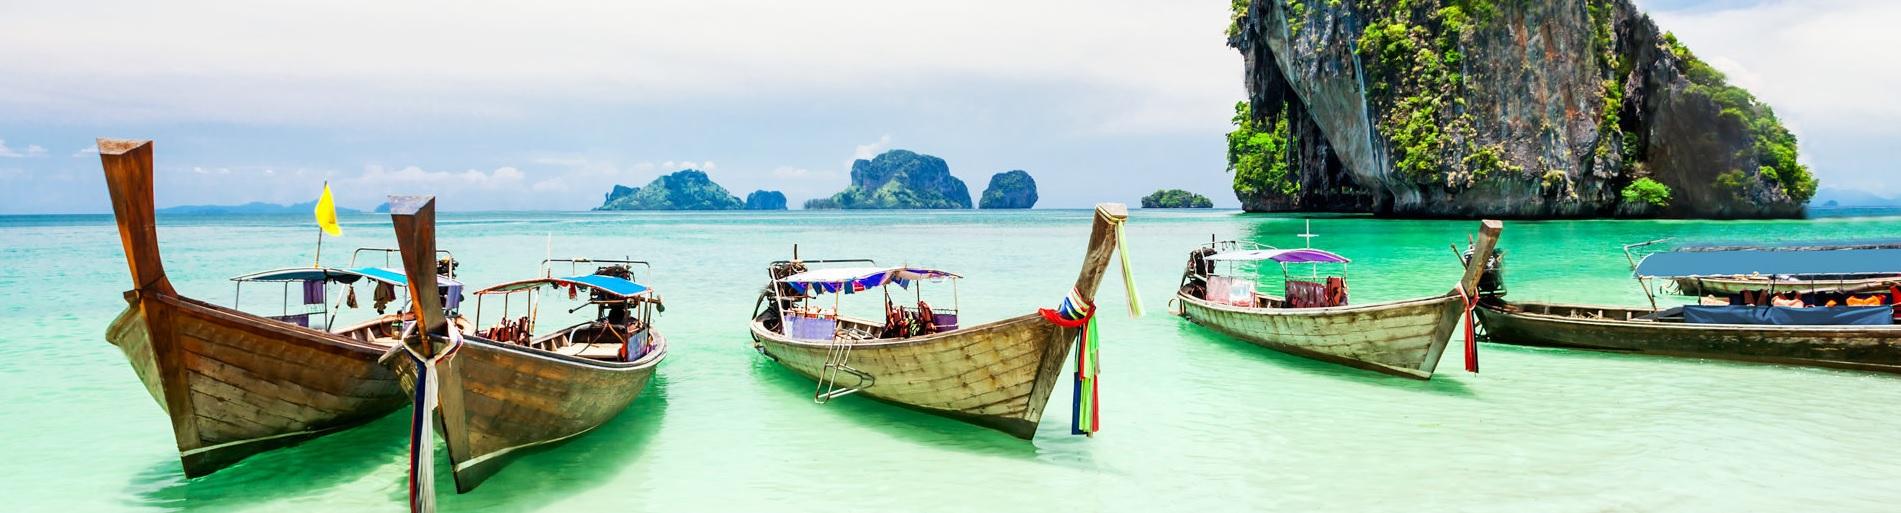 VIP экскурсия 11 островов за 1 день